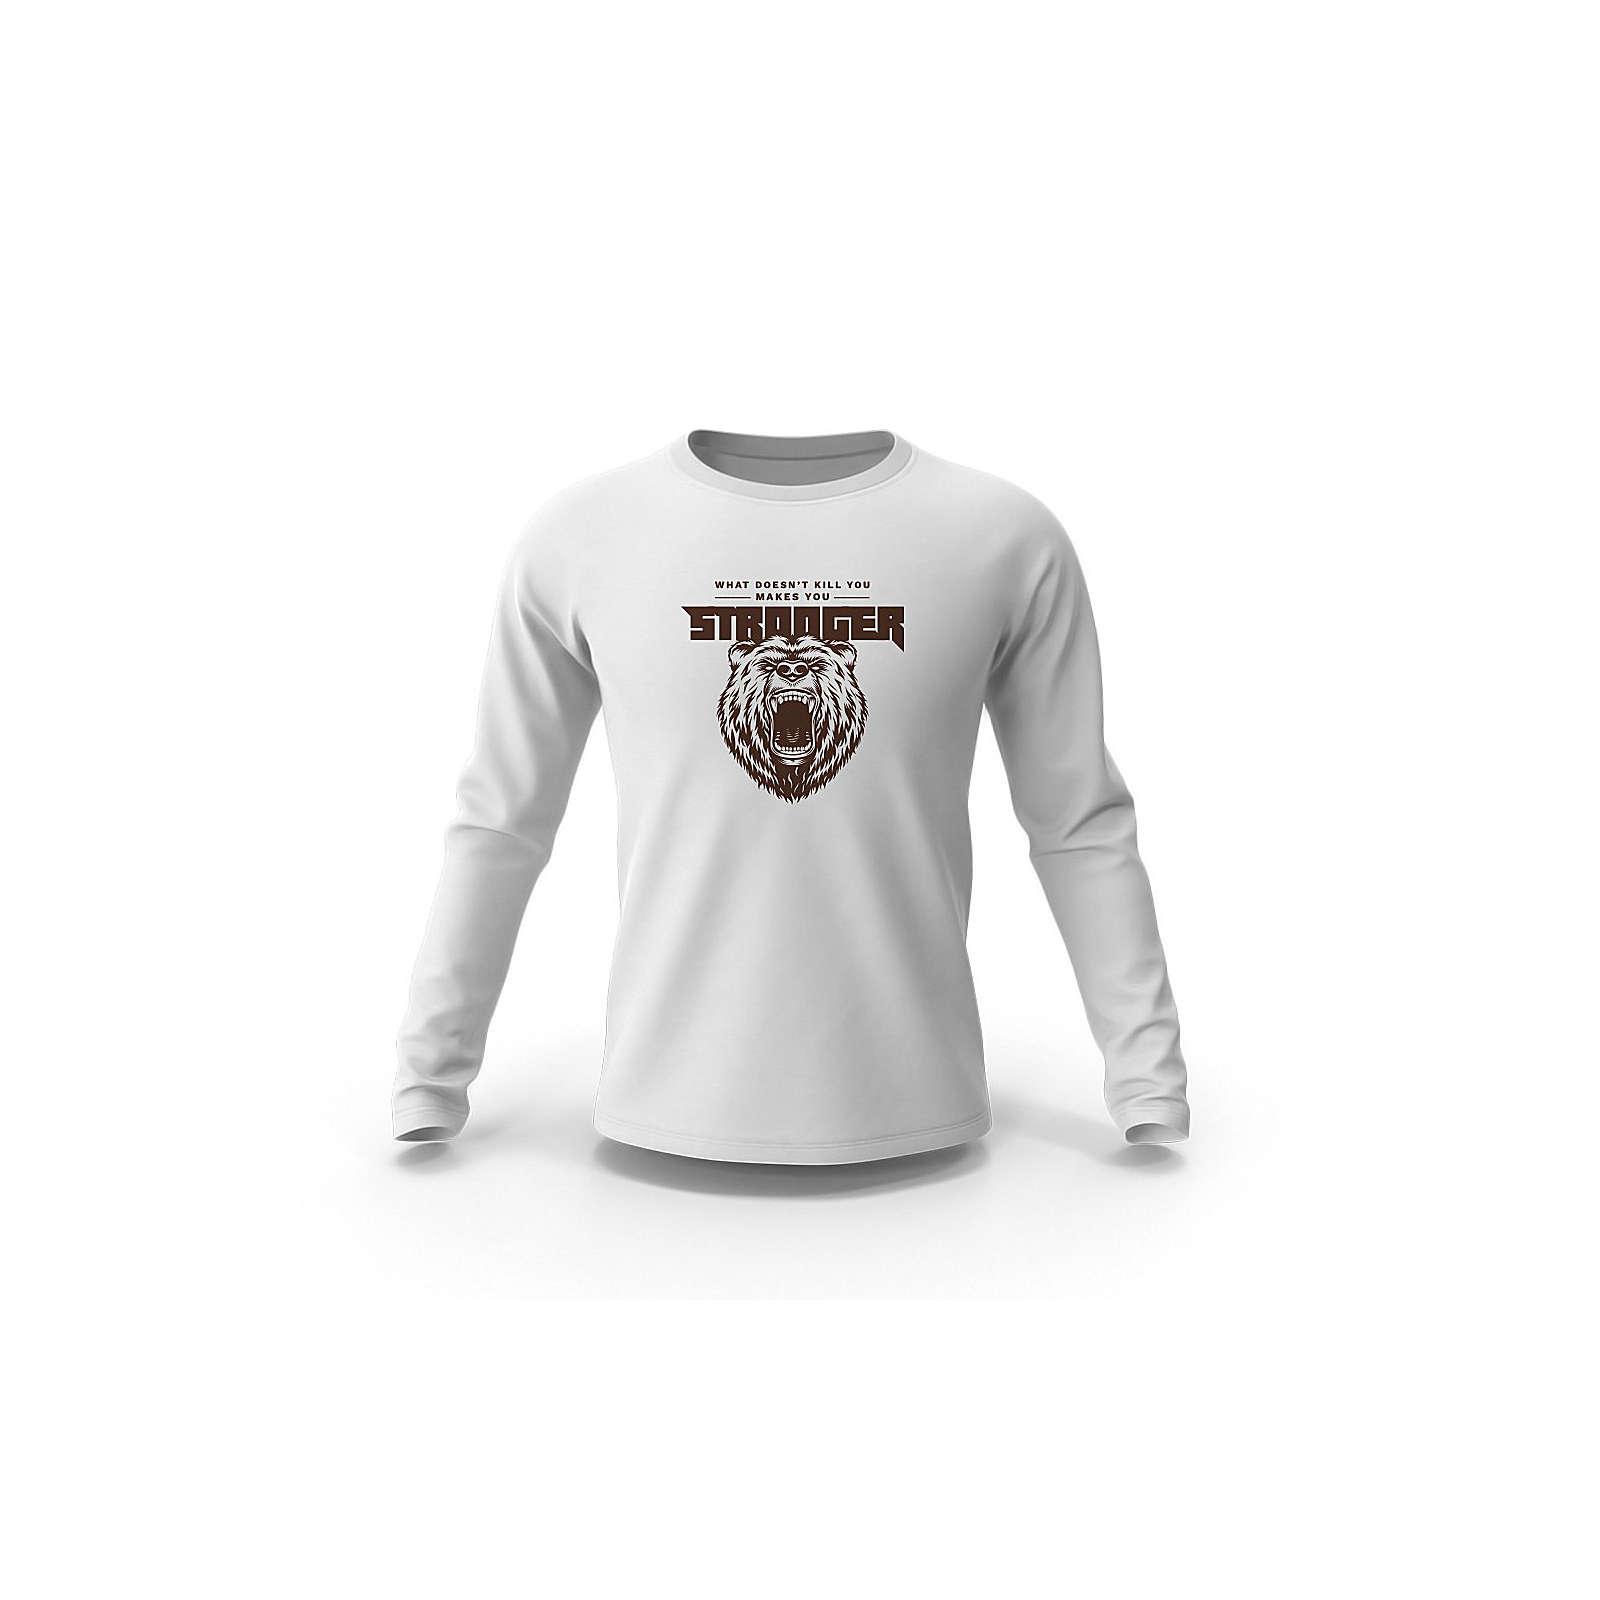 mamino Herren Sweatshirt -Bear Sweatshirts weiß Herren Gr. 54